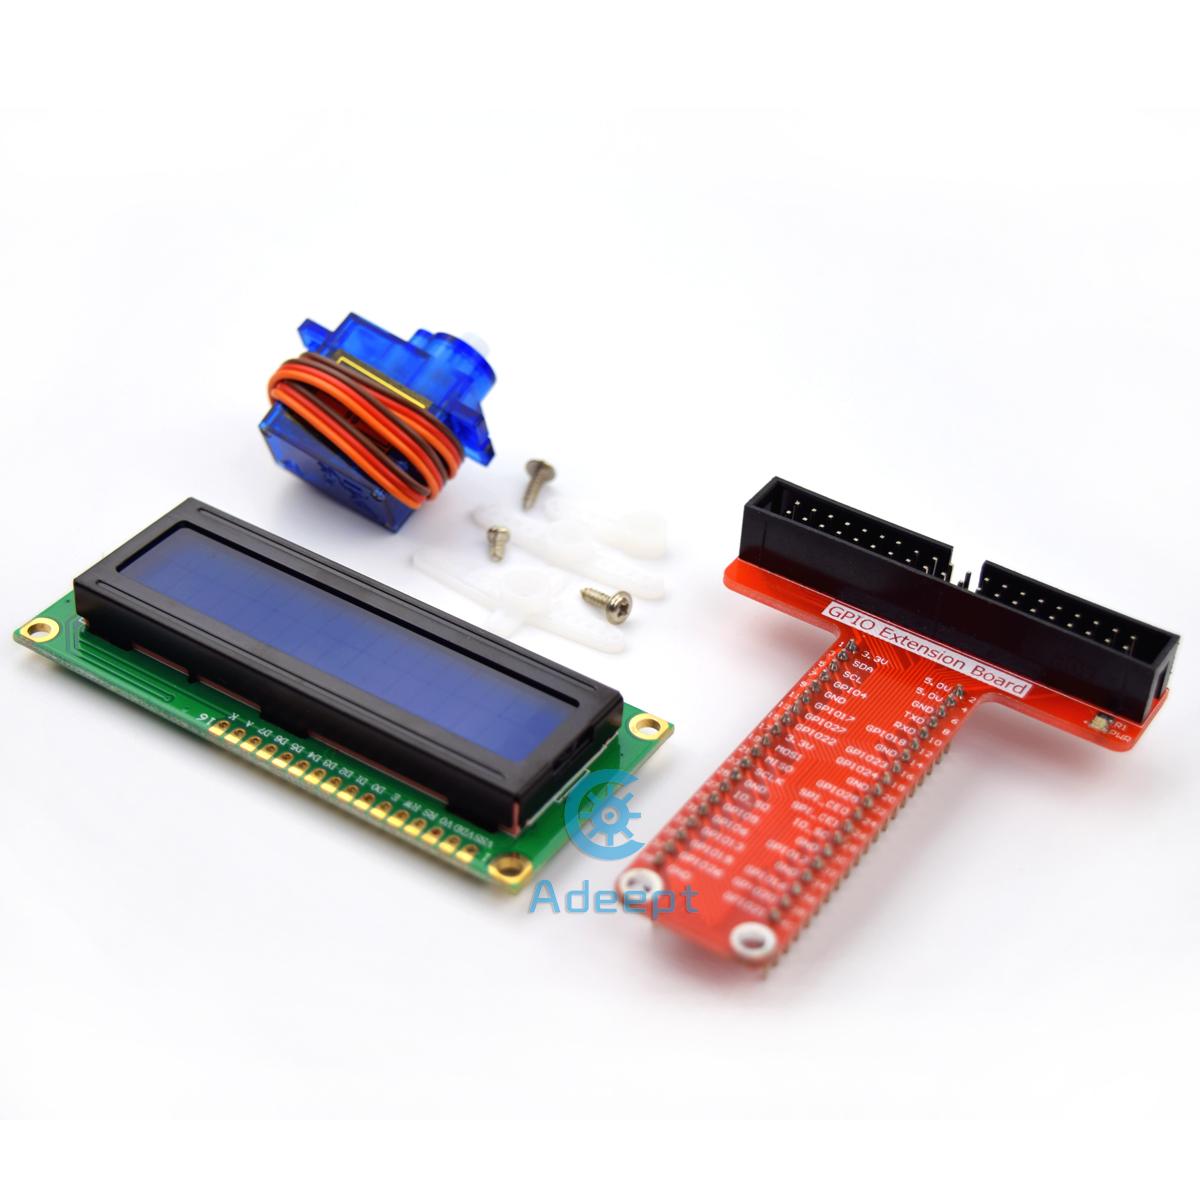 Adeept Super Starter Kit For Raspberry Pi 3 2 Model B B Lcd1602